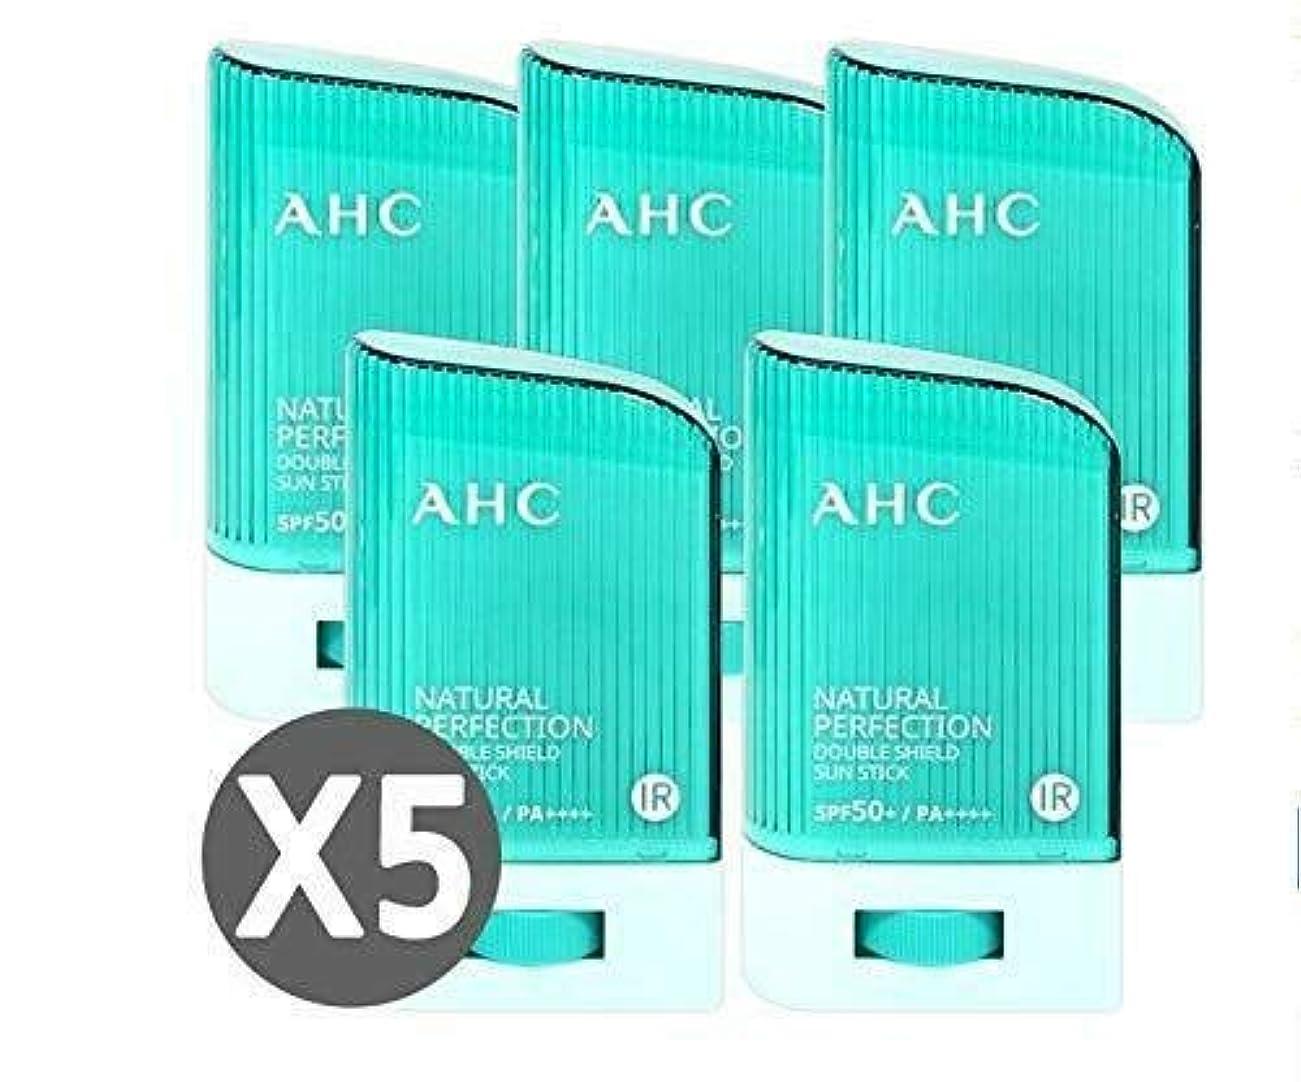 闘争スリルエスカレート[ 5個セット ] AHC ナチュラルパーフェクションダブルシールドサンスティック 22g, Natural Perfection Double Shield Sun Stick SPF50+ PA++++